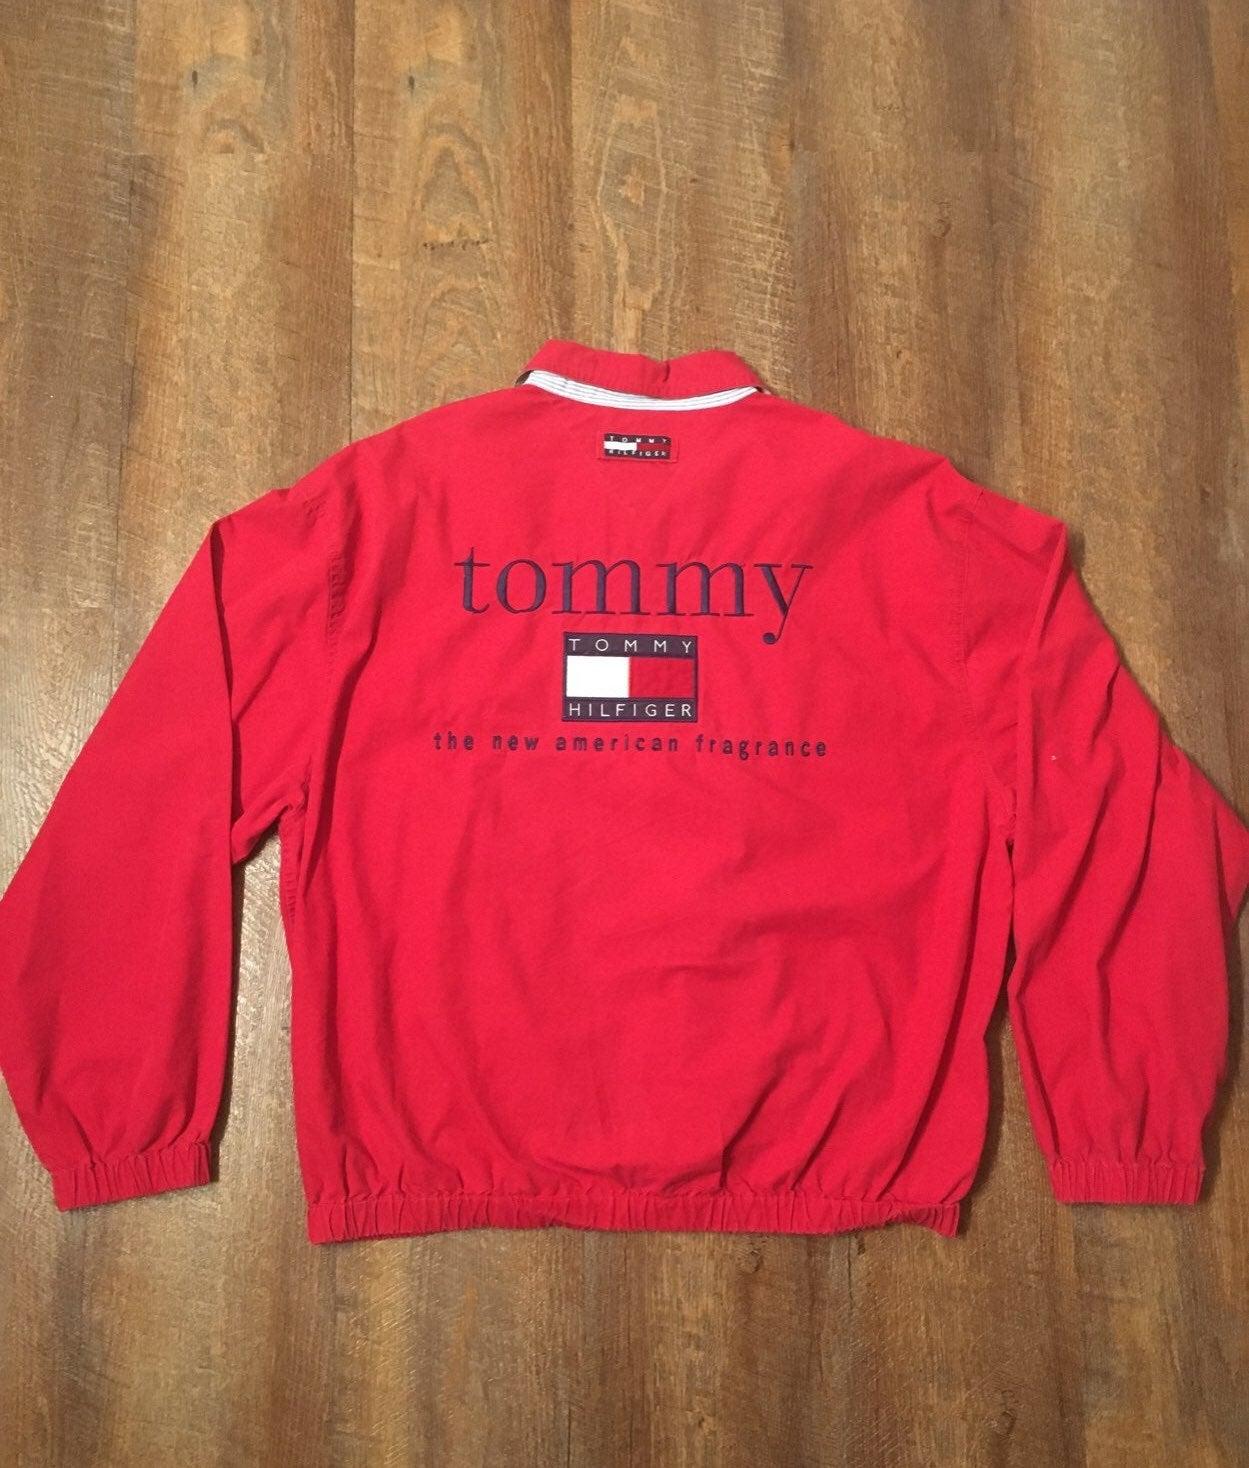 -VTG Tommy Hilfiger Fragrance Jacket L-